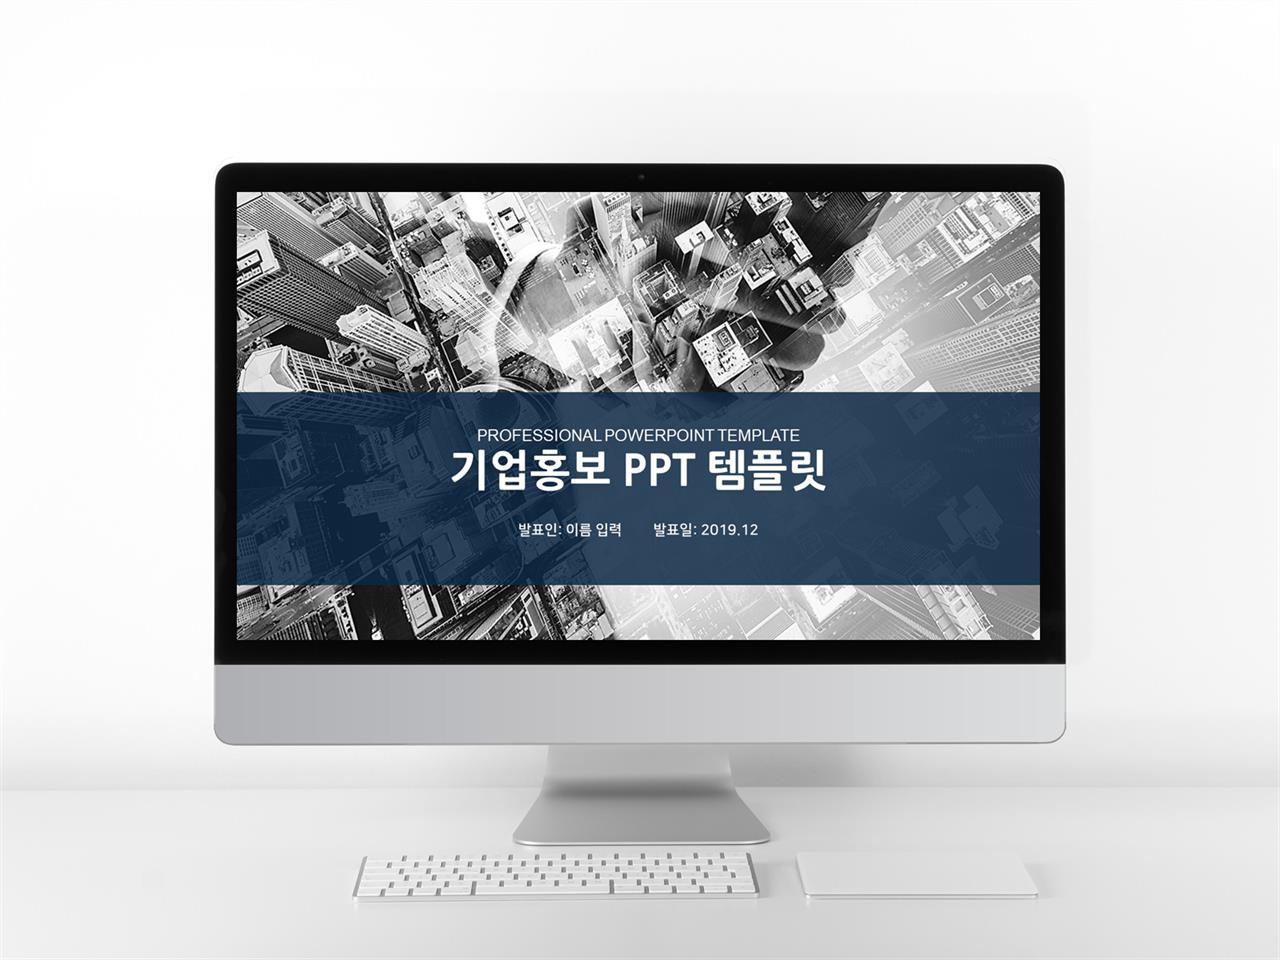 홍보마케팅 검은색 폼나는 프레젠테이션 피피티배경 만들기 미리보기